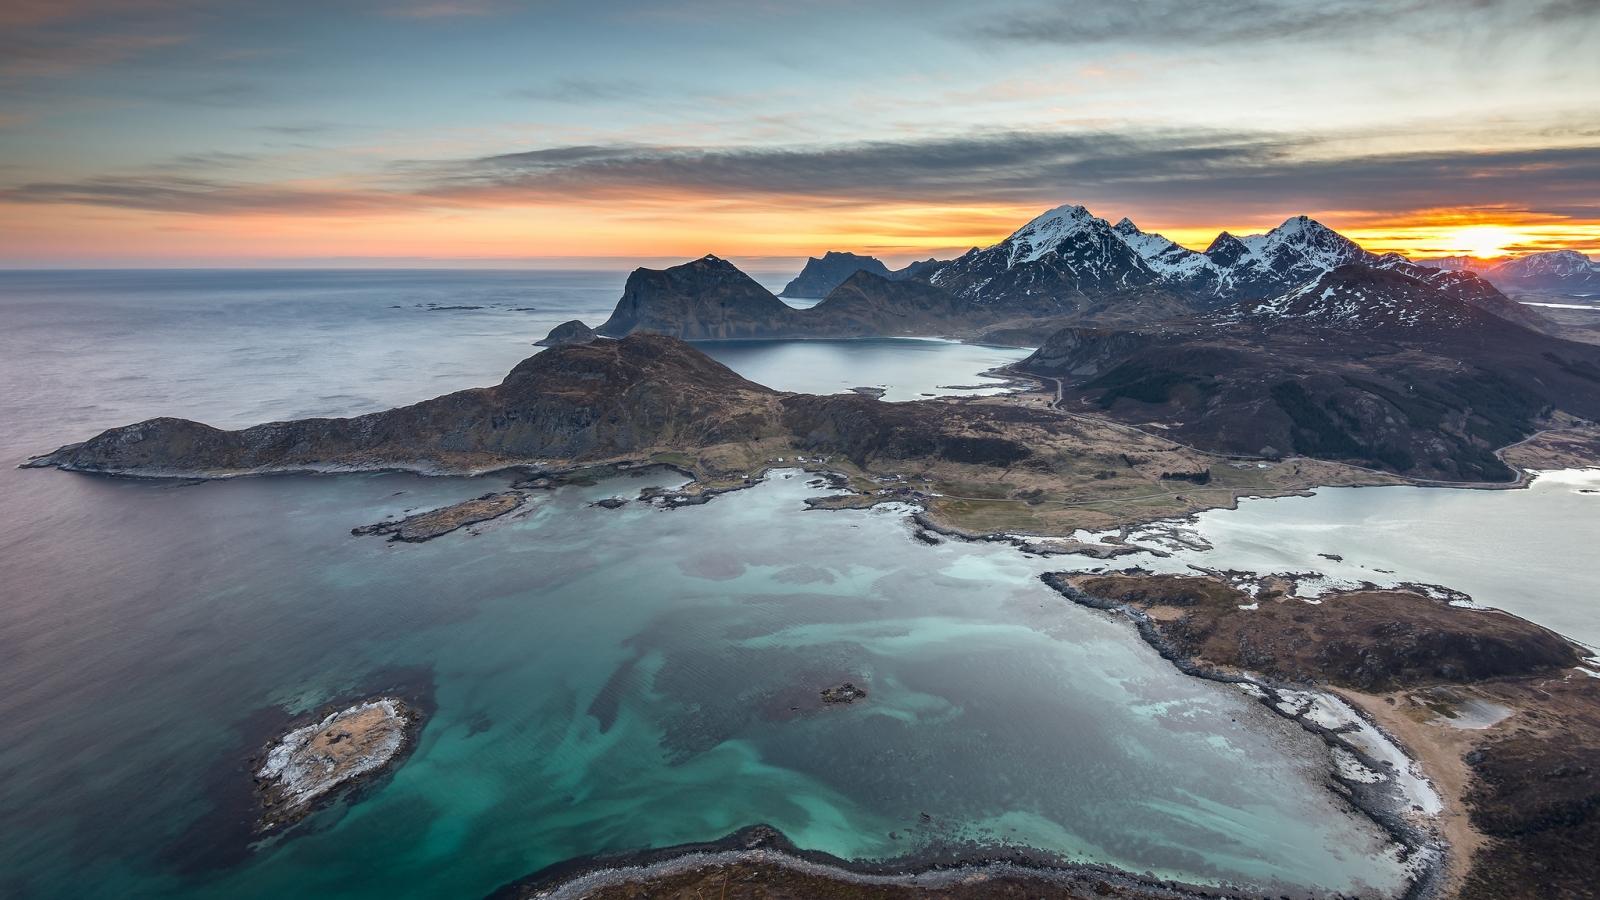 Fotografías aéreas de playas y montañas - 1600x900